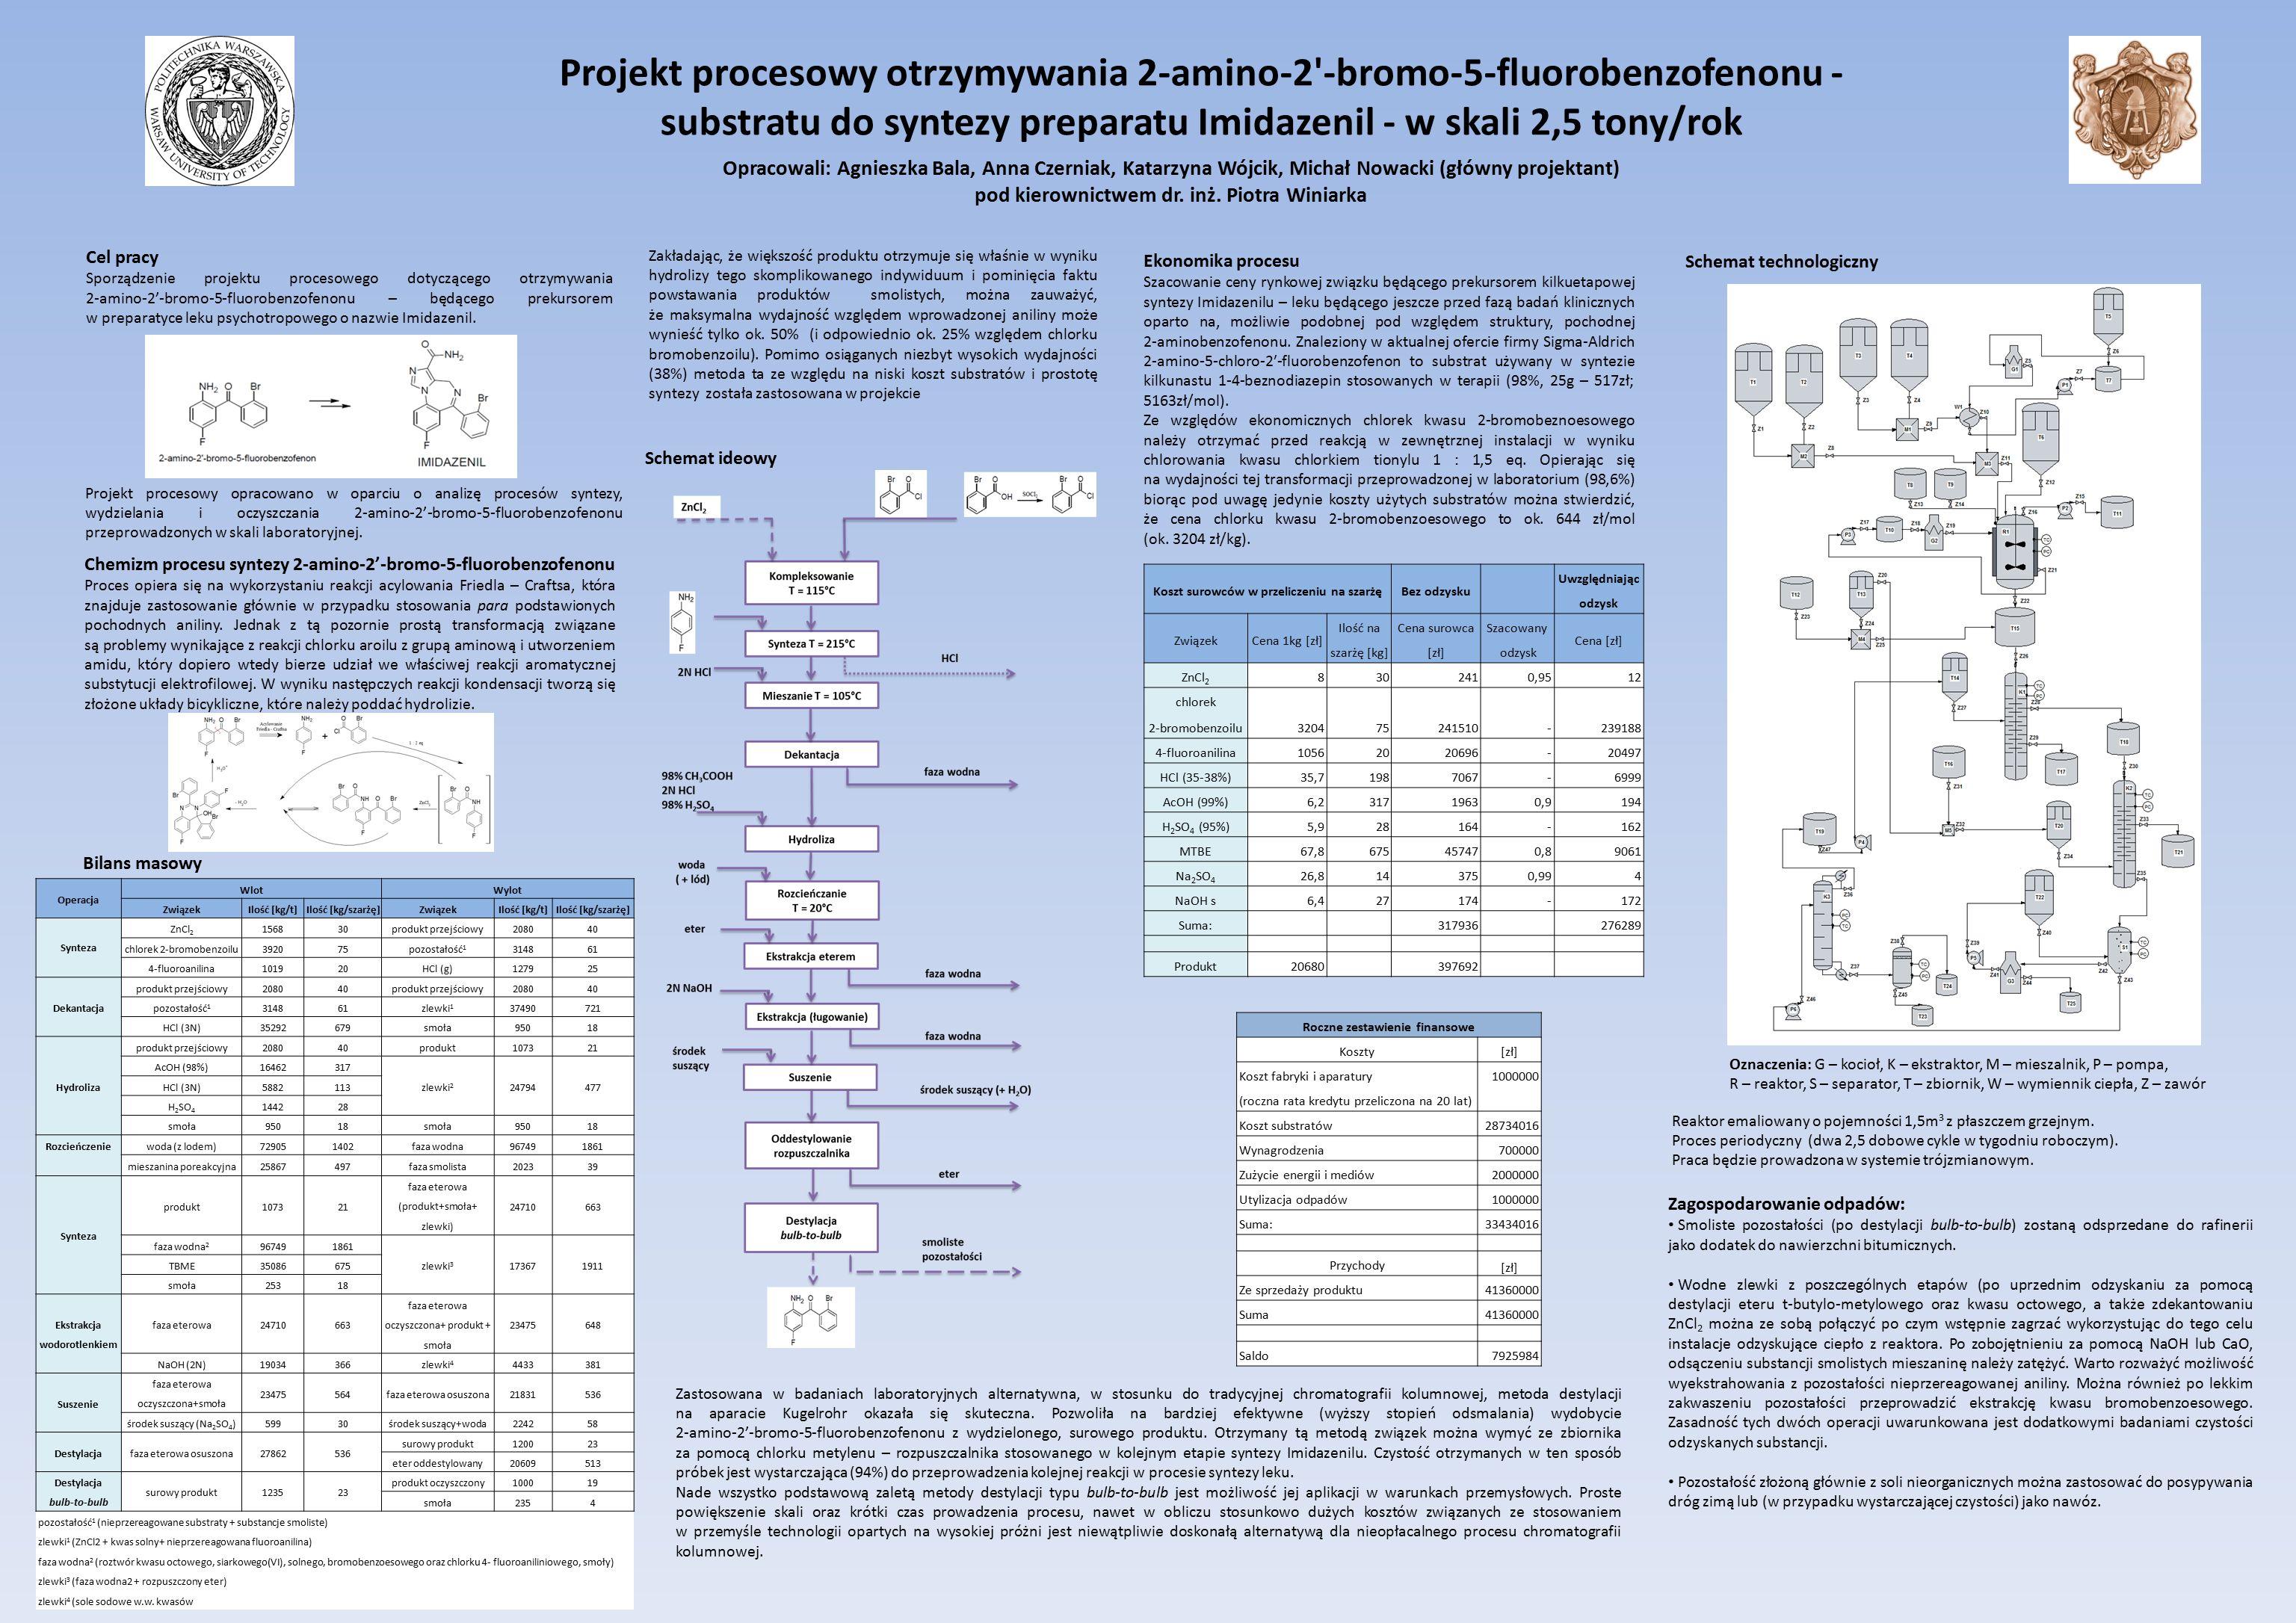 Projekt procesowy otrzymywania 2-amino-2 -bromo-5-fluorobenzofenonu - substratu do syntezy preparatu Imidazenil - w skali 2,5 tony/rok